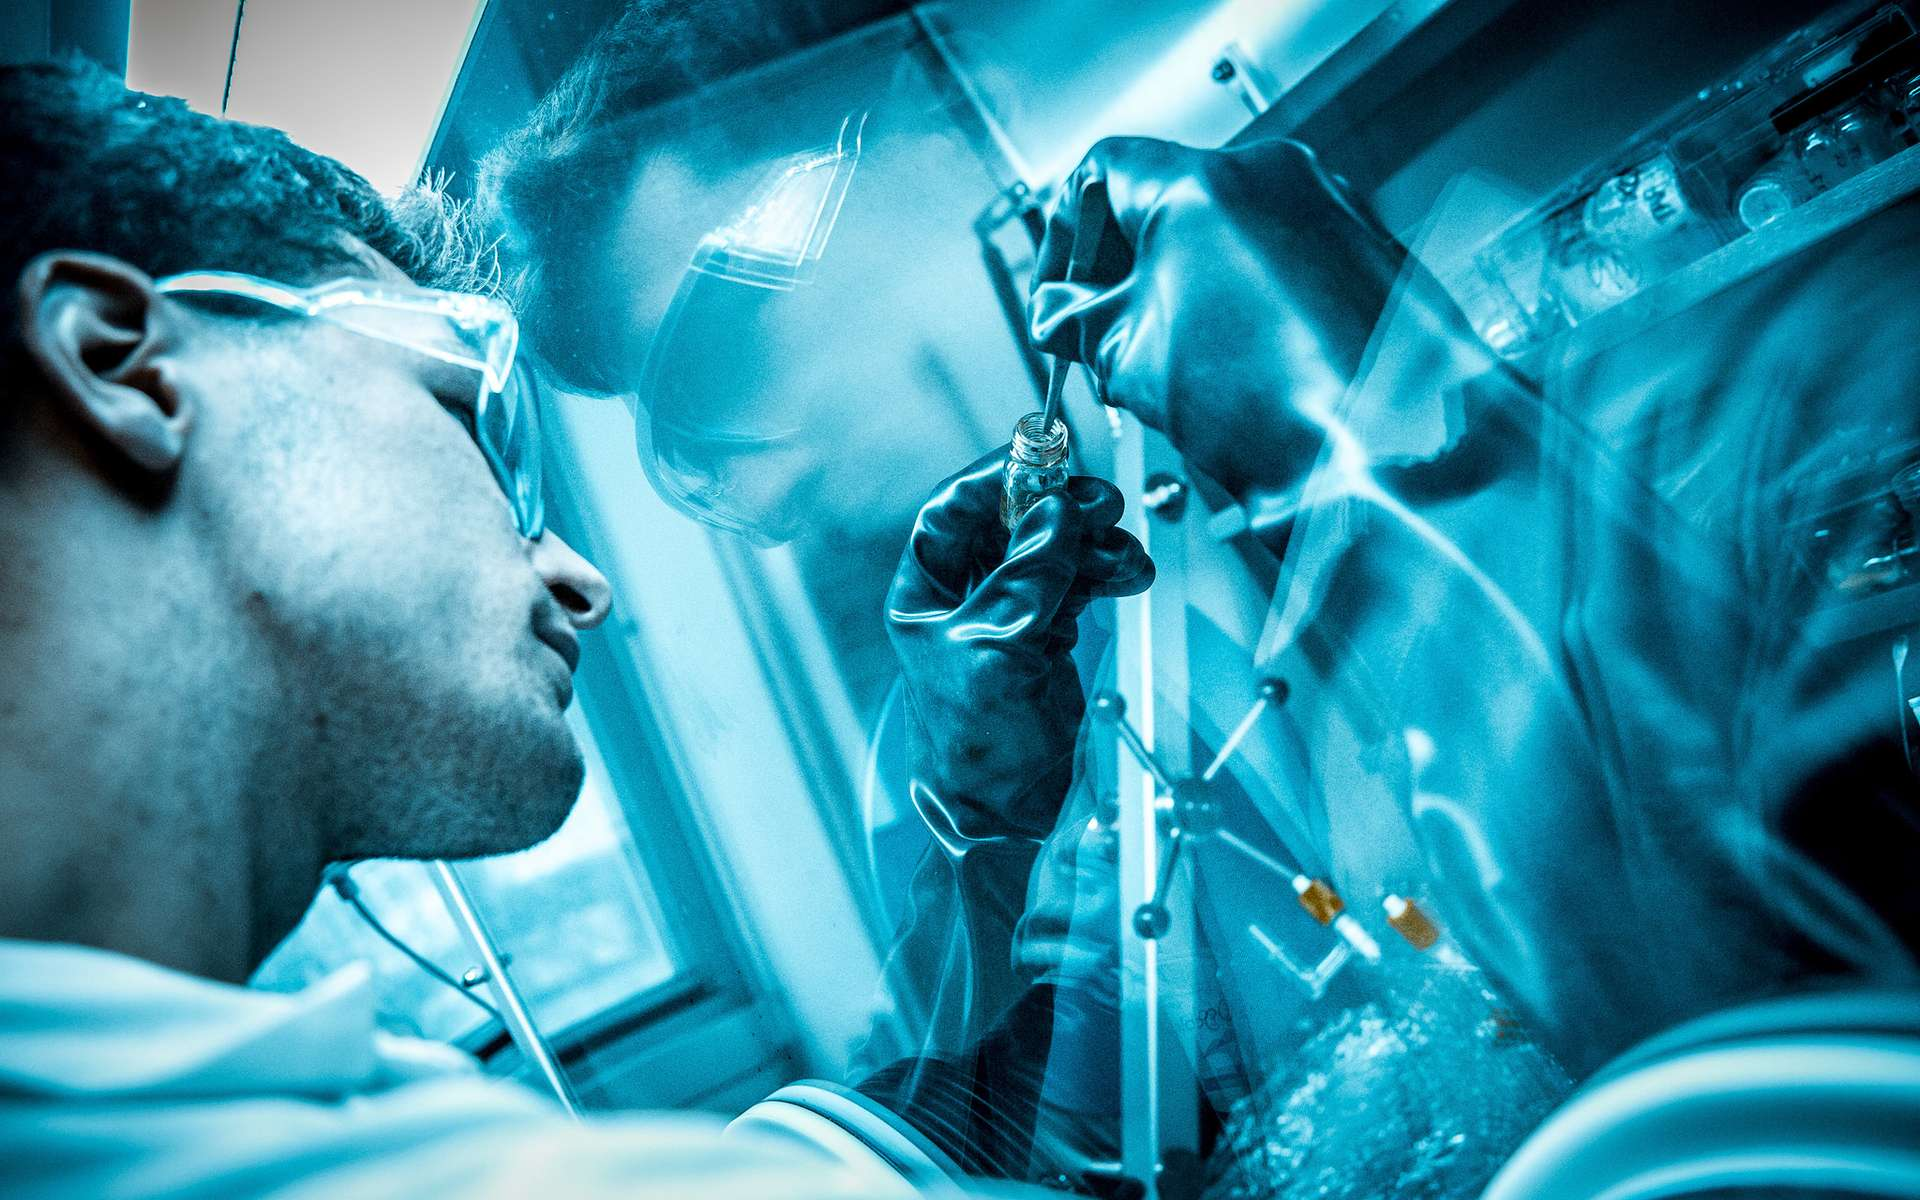 En chimie, la catalyse peut permettre d'augmenter la vitesse à laquelle se produit une réaction. © École polytechnique Université Paris-Saclay, Flickr, CC by-sa 2.0